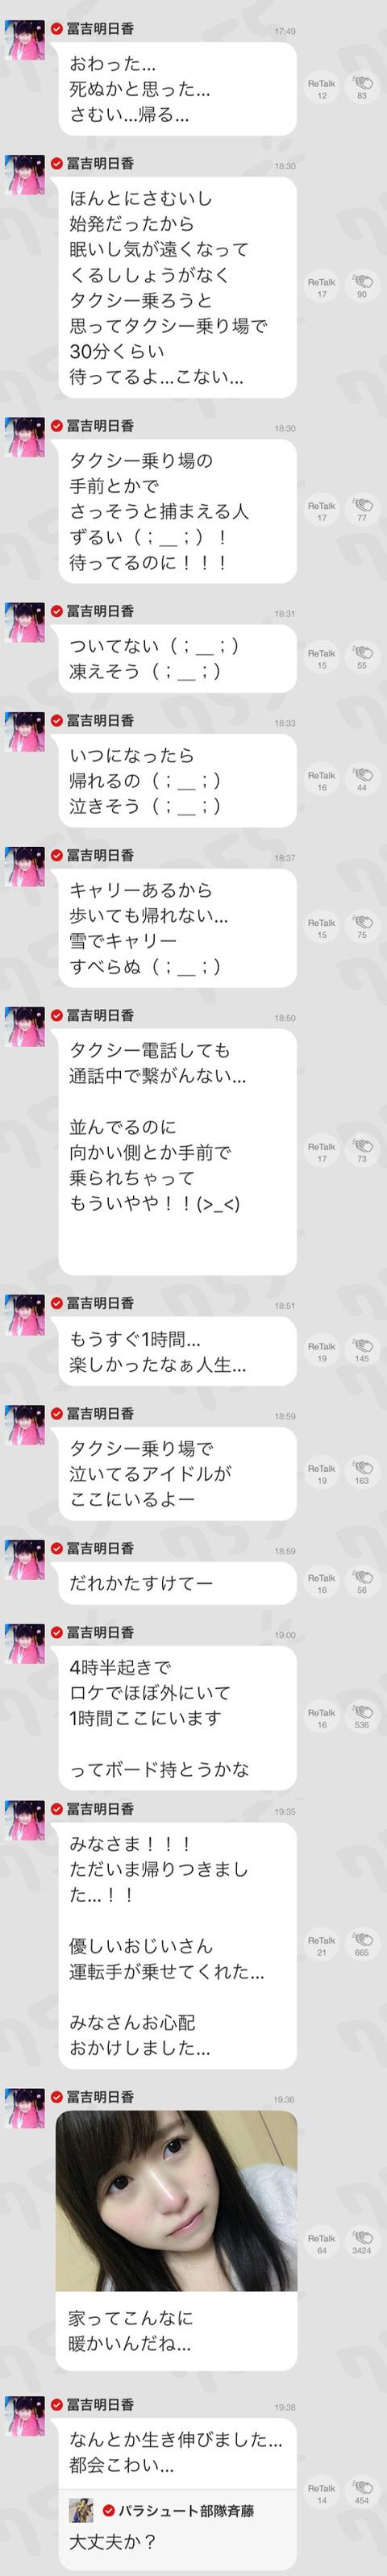 【朗報】九州北部の暴風雪で行方不明だった冨吉明日香さん(18)、福岡市内で発見